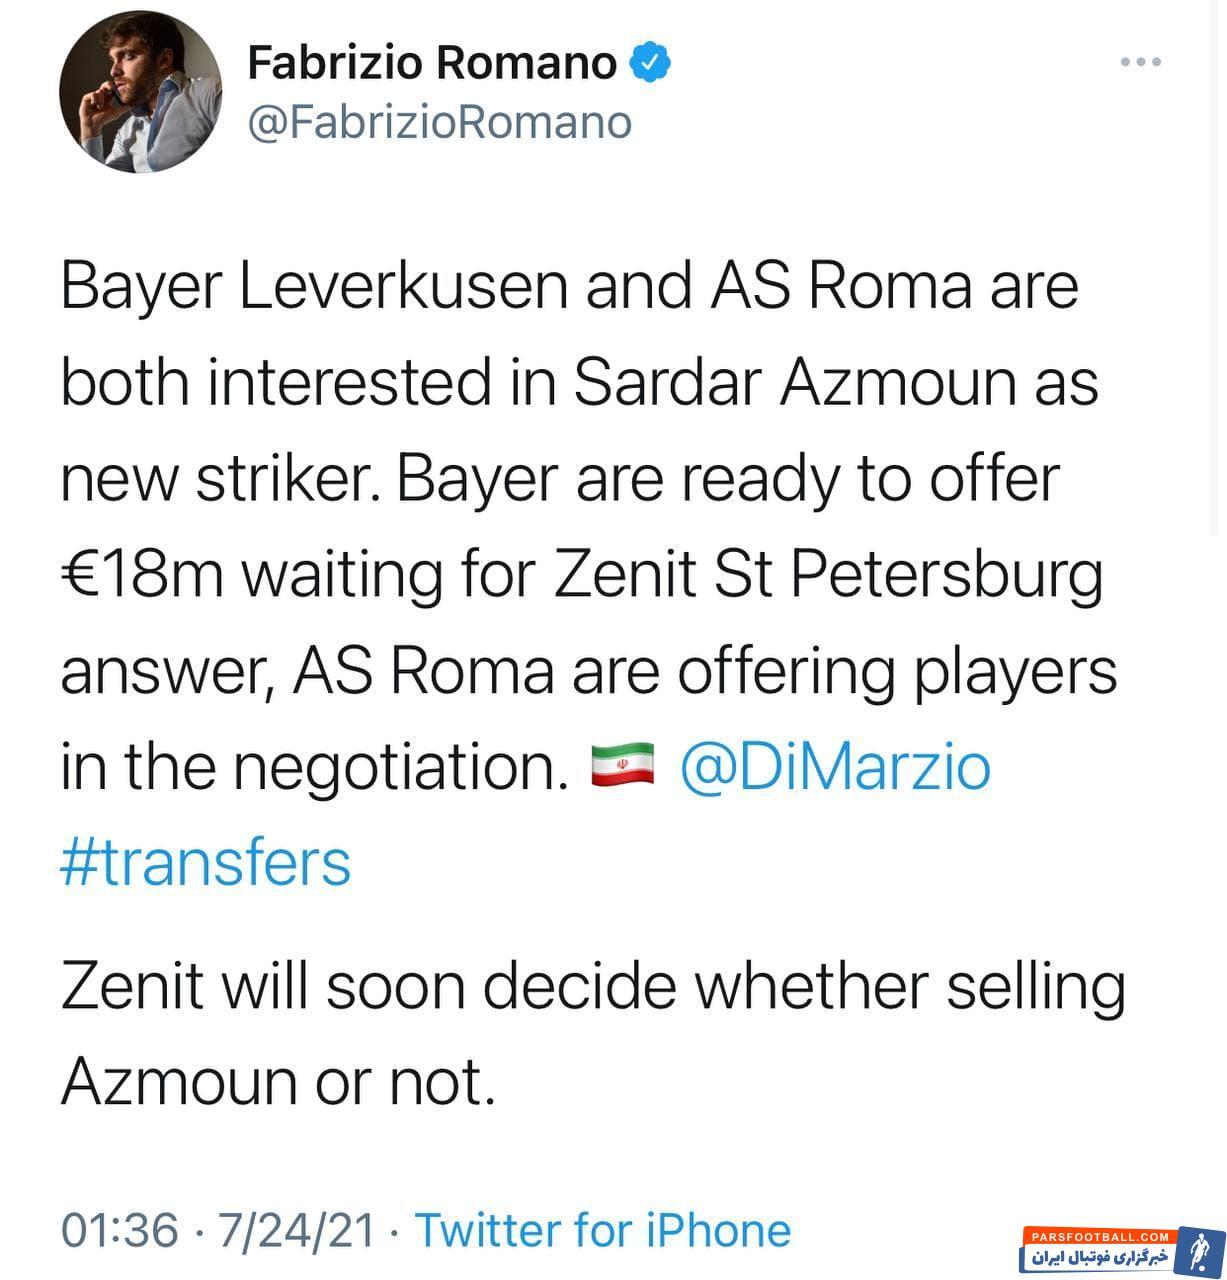 باشگاه بایرلورکوزن آلمان هم با ۱۸ میلیون یورو خواهان جذب سردار آزمون است و باید دید در نهایت سرنوشت مهاجم تیم ملی ایران چه خواهد شد.